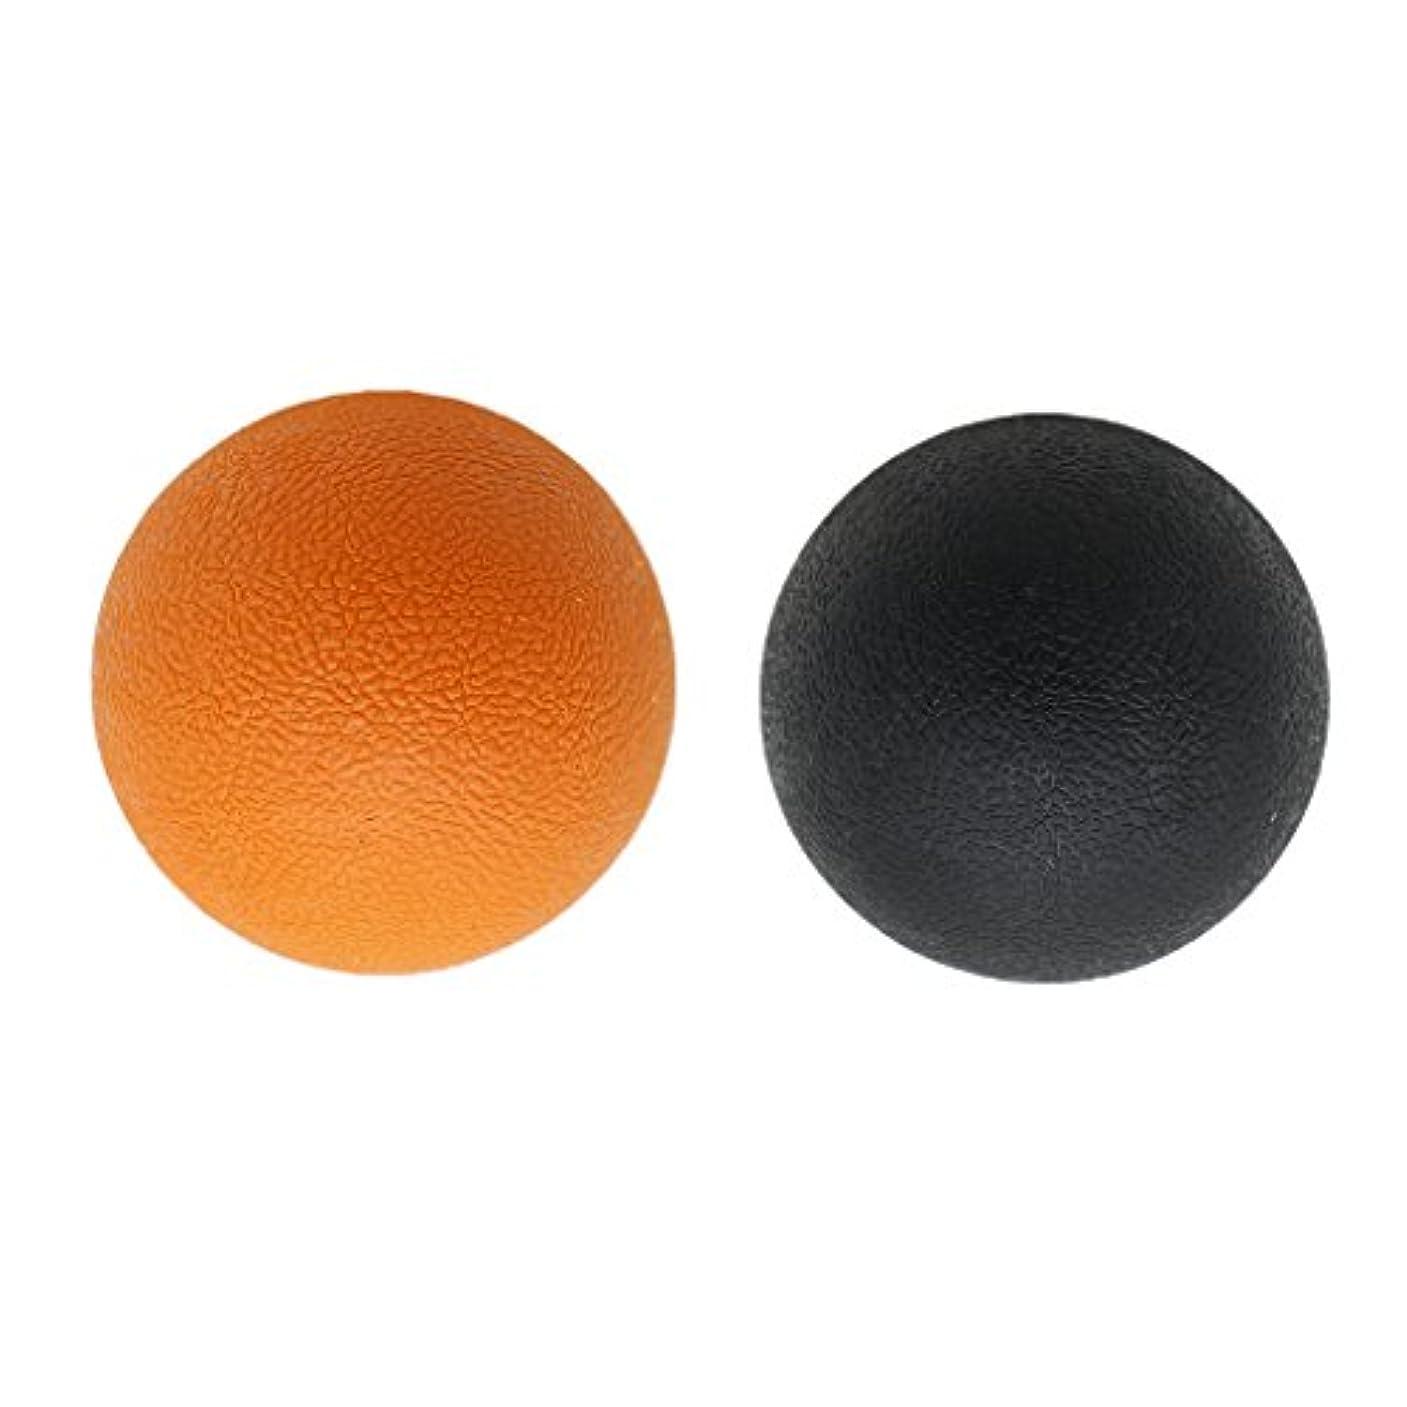 整理する放置言い直す2個 マッサージボール ストレッチボール トリガーポイント トレーニング マッサージ リラックス 家庭 ジム 旅行 学校 オフィス 便利 多色選べる - オレンジブラック